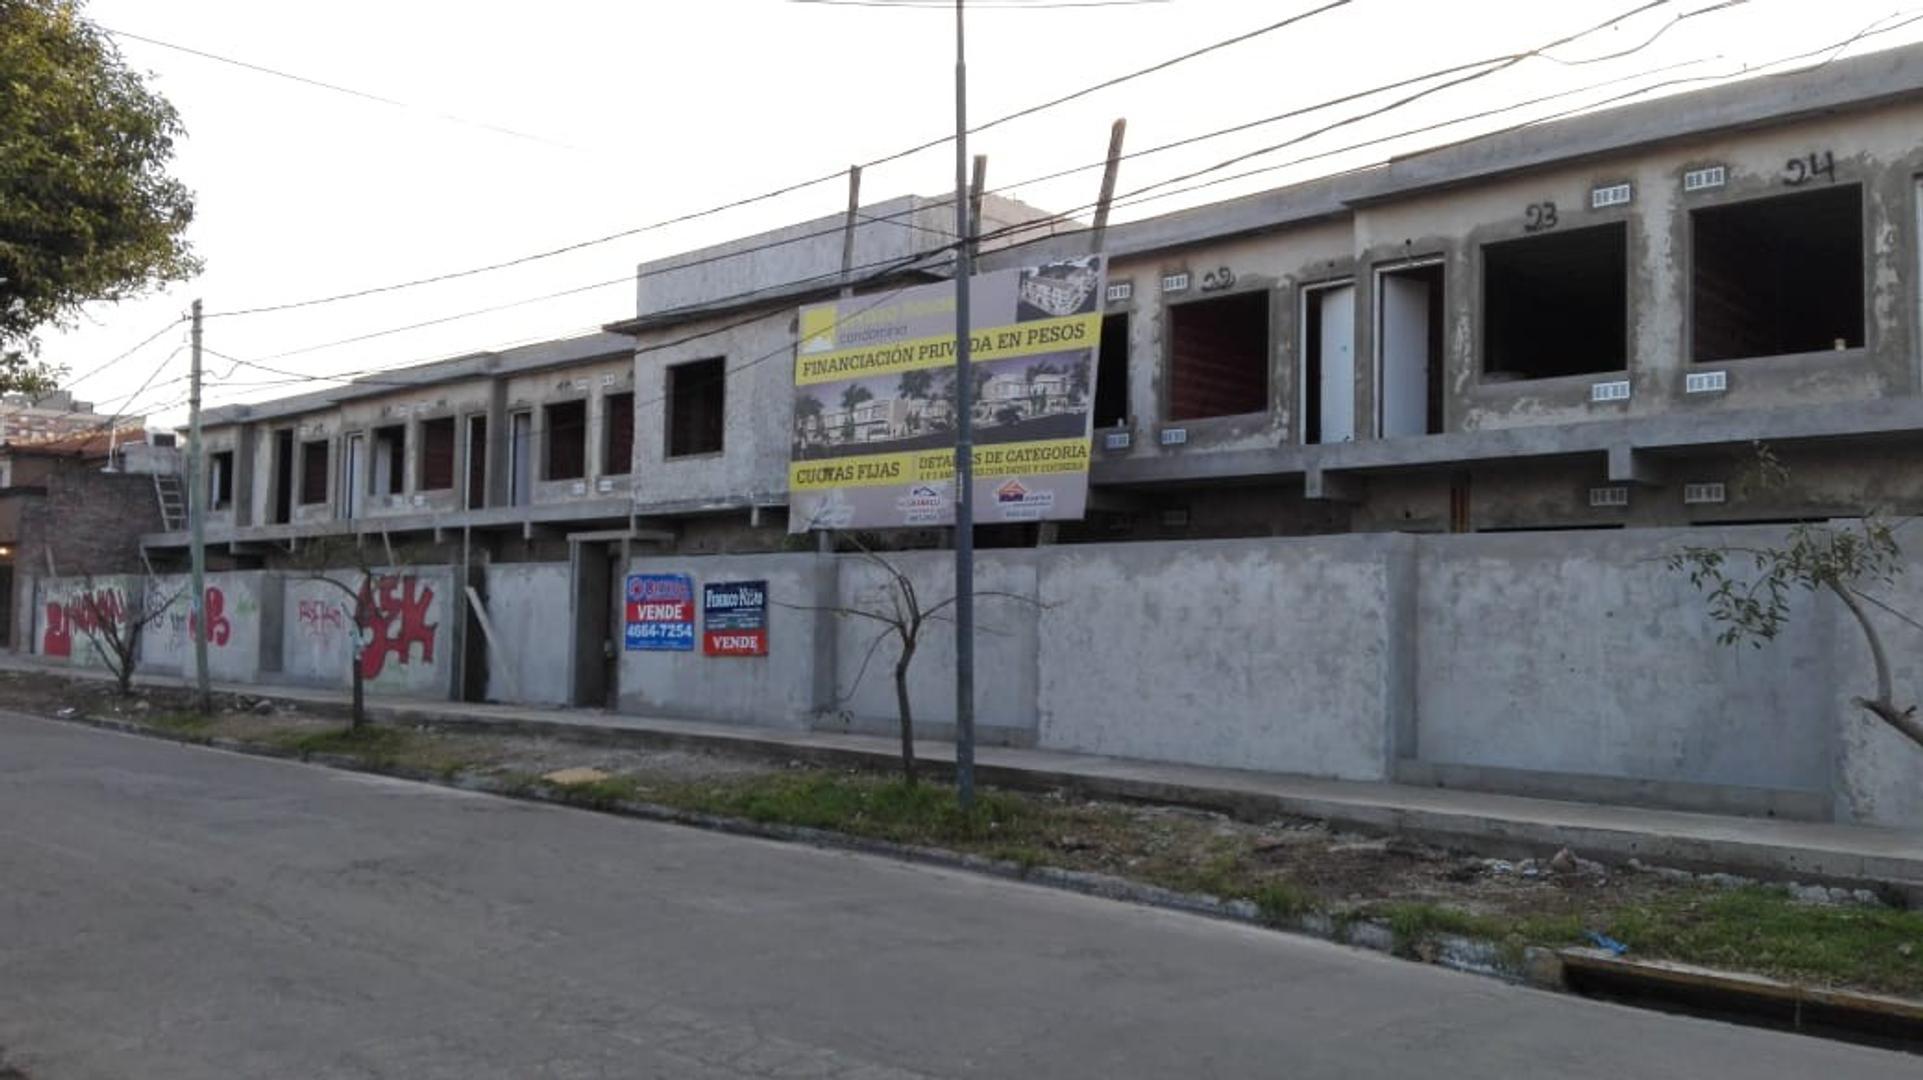 SAN MIGUEL - CONDOMINIO EIVISSA EN CONSTRUCCION - ENTREGA EN 9 MESES